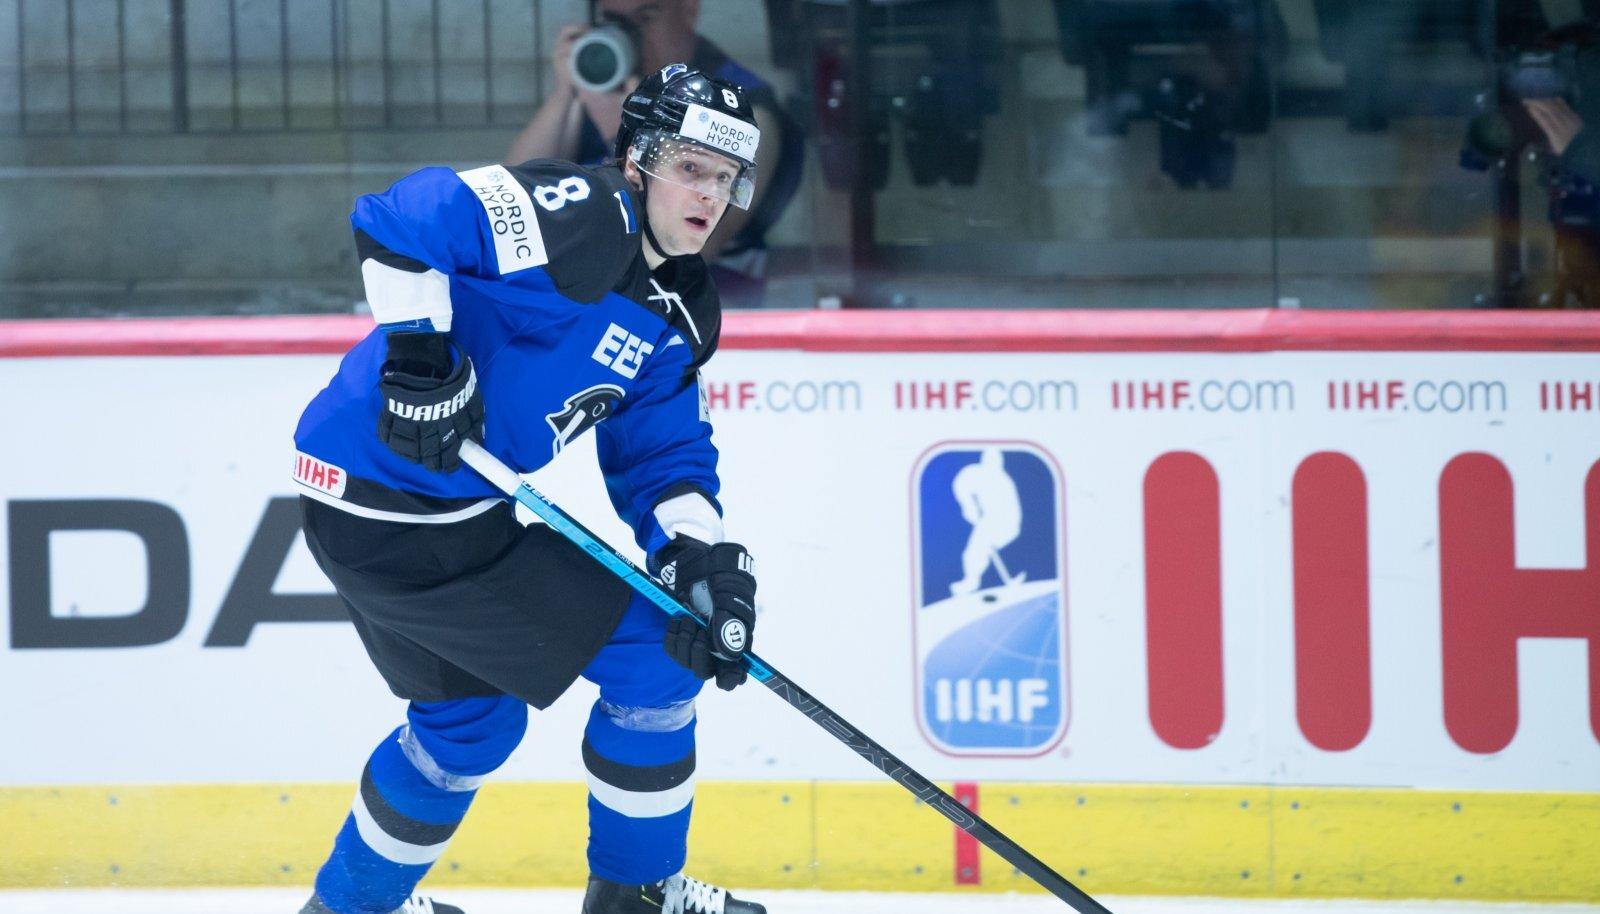 Tallinnas toimuval jäähoki MM-turniiri I-divisjoni B-grupi turniiril võõrustas Eesti jäähokikoondids Rumeenia meeskonda. Normaal- ja lisaaeg lõppes 3:3 viigiga, karistusvisetega sai 4:3 võidu kirja Rumeenia.